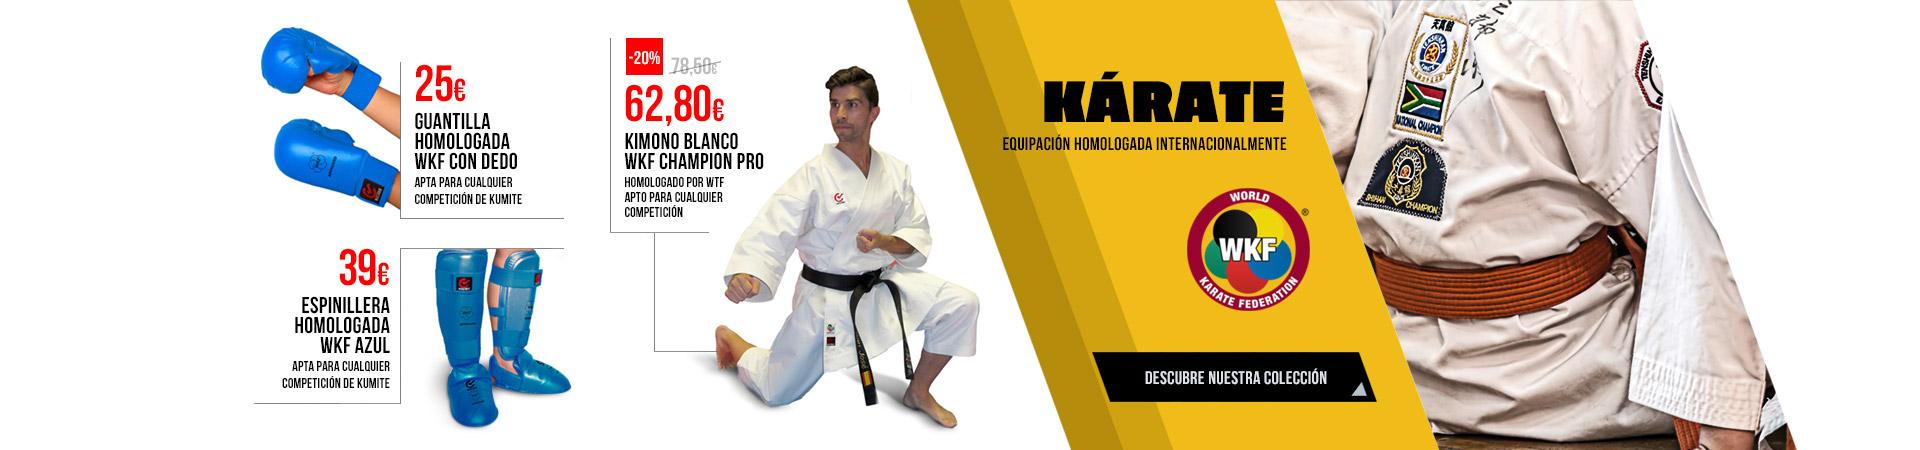 slider_karate